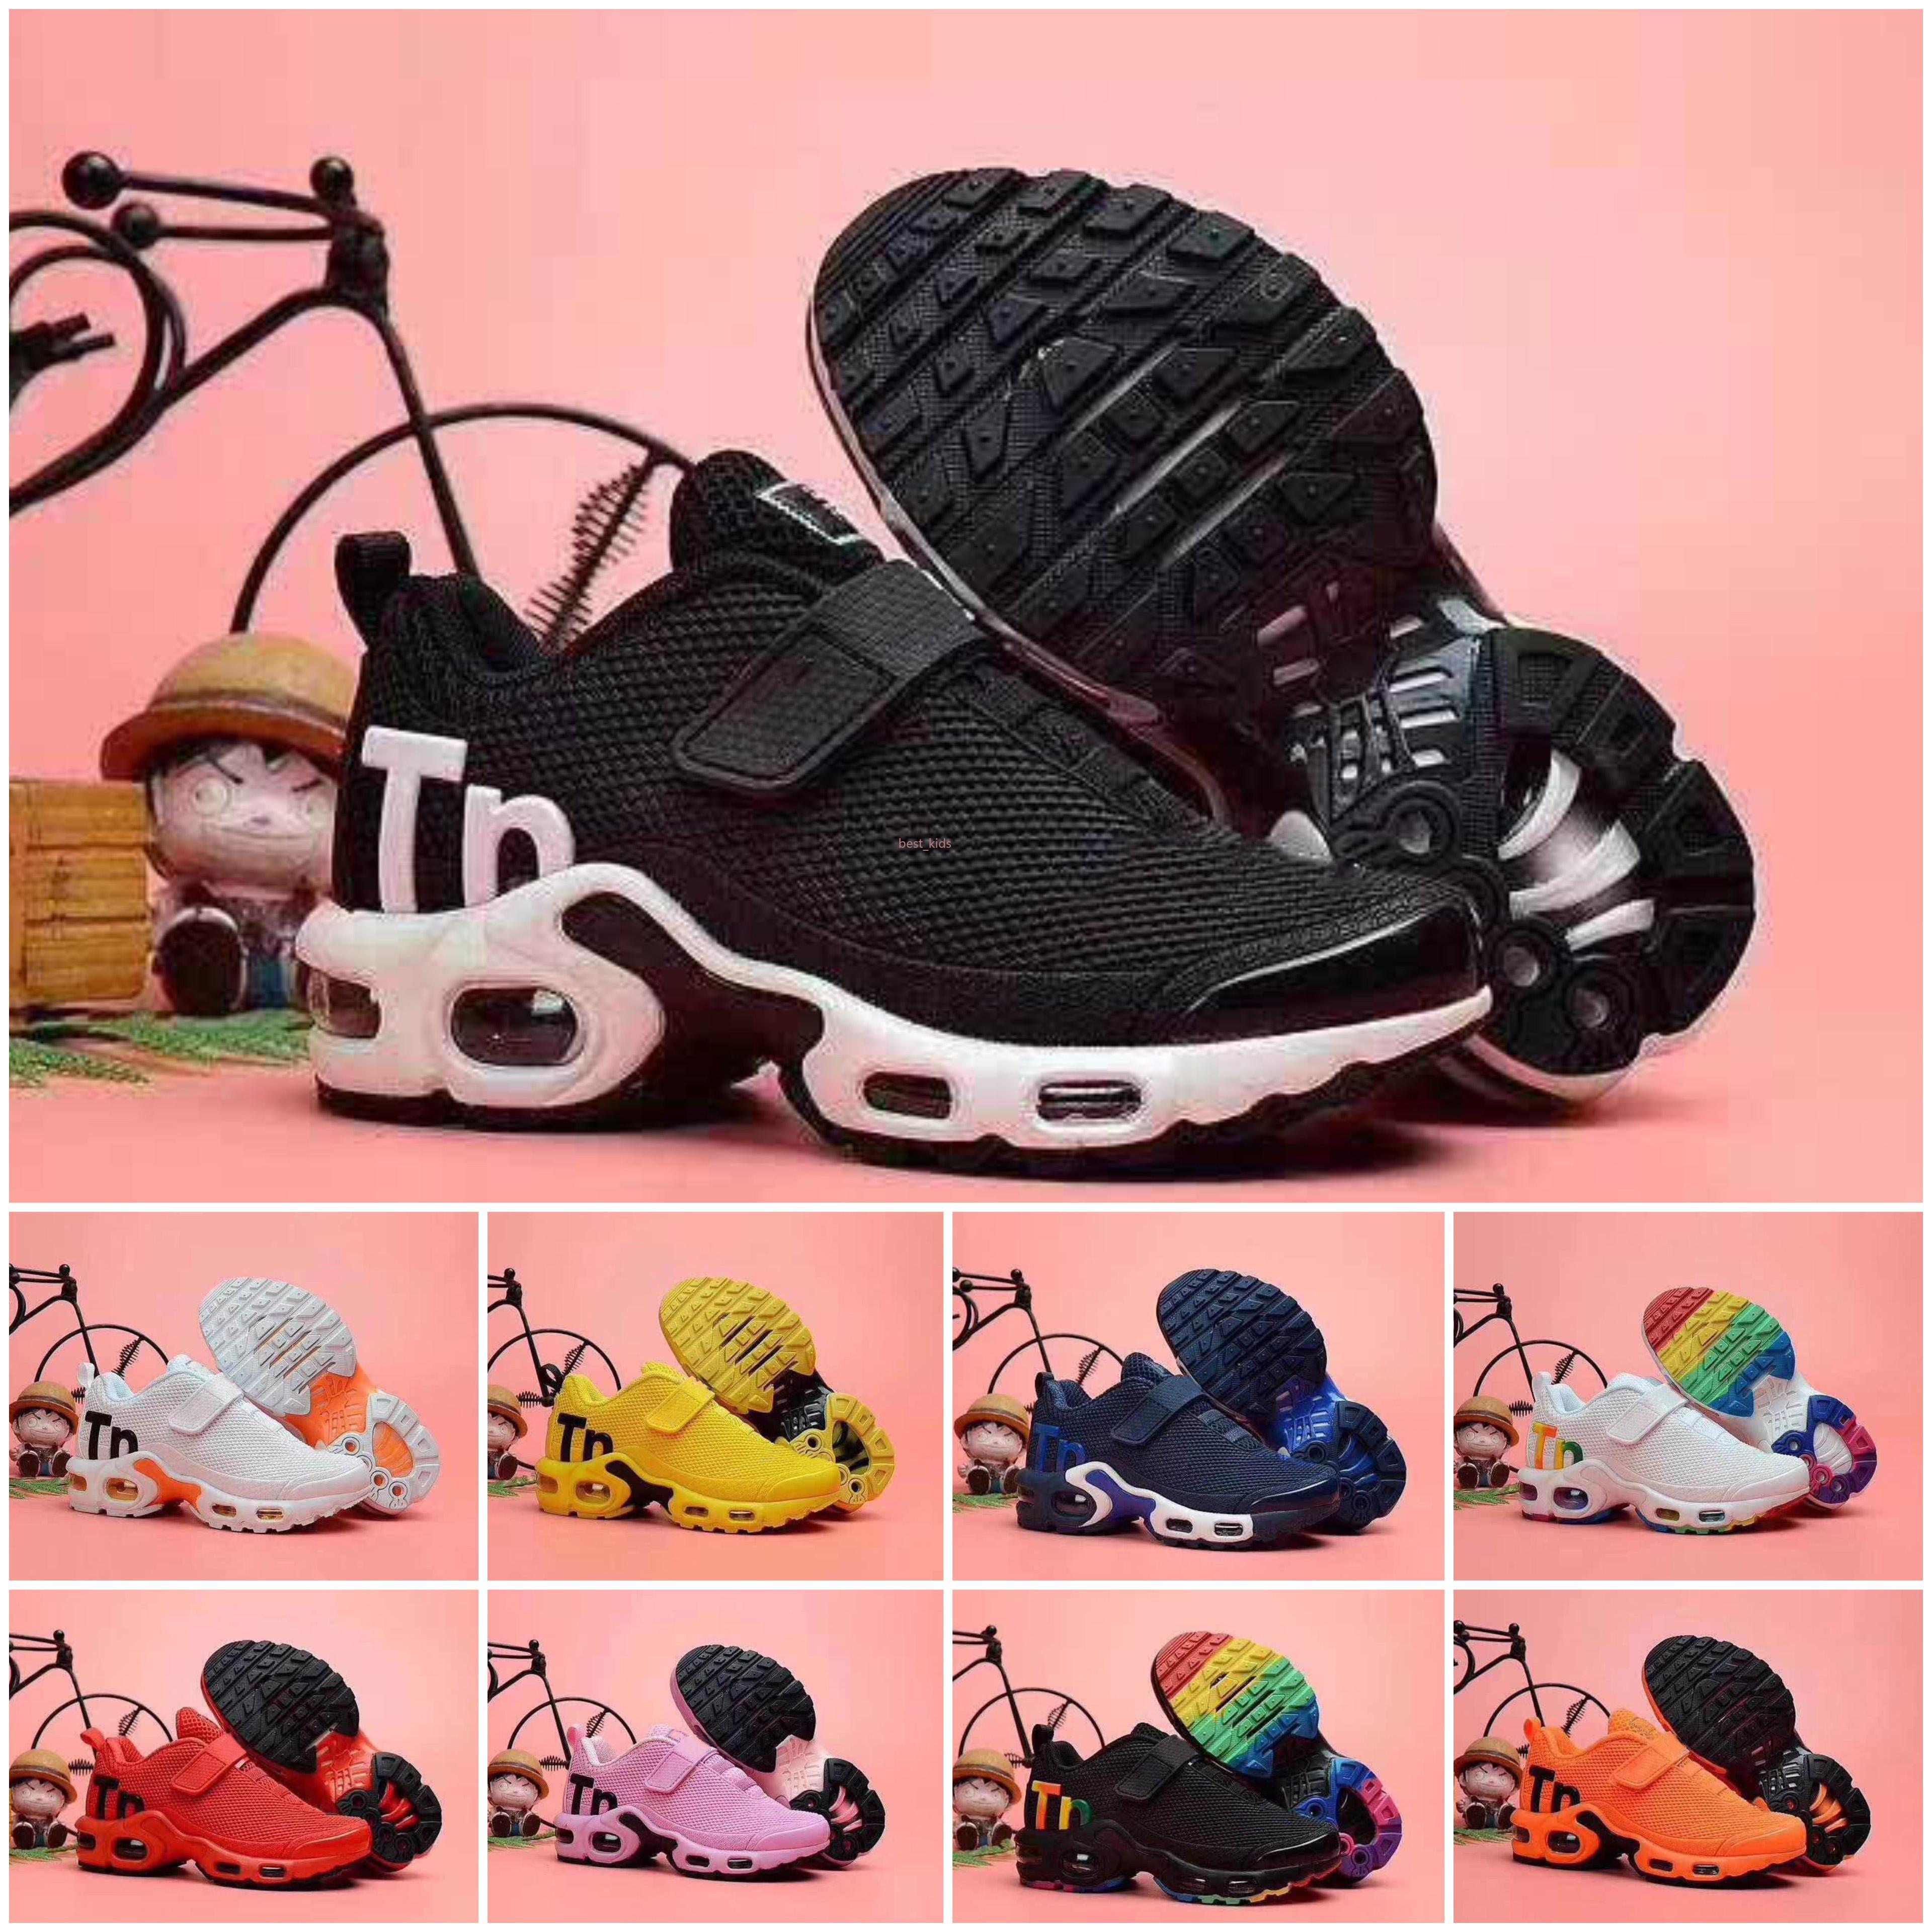 Nike Mercurial Air Max Plus Tn enfants TN Sport Plus de luxe Chaussures de course pour enfants de filles de garçon Baskets Tn Chaussures de sport classique en plein air tout-petits